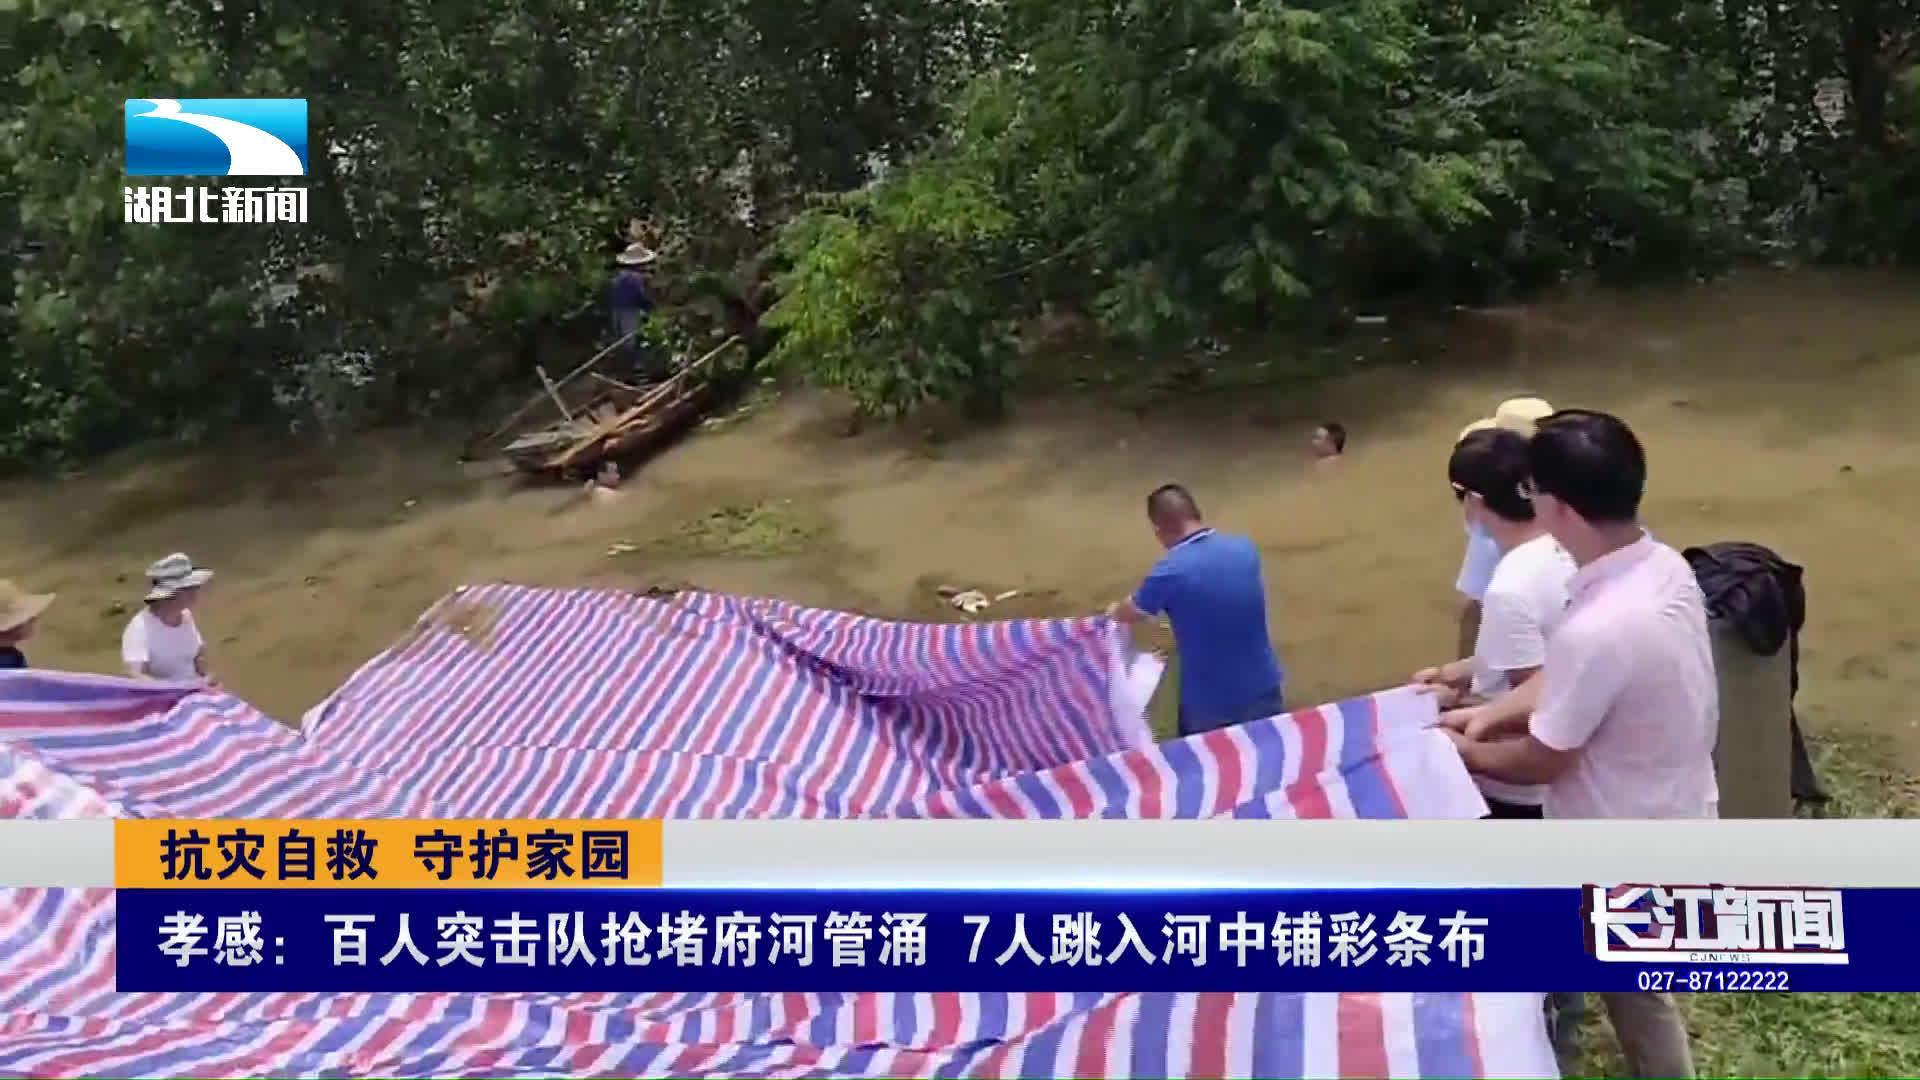 勇敢无畏!孝感百人突击队抢堵府河管涌 ,7人跳入河中铺彩条布